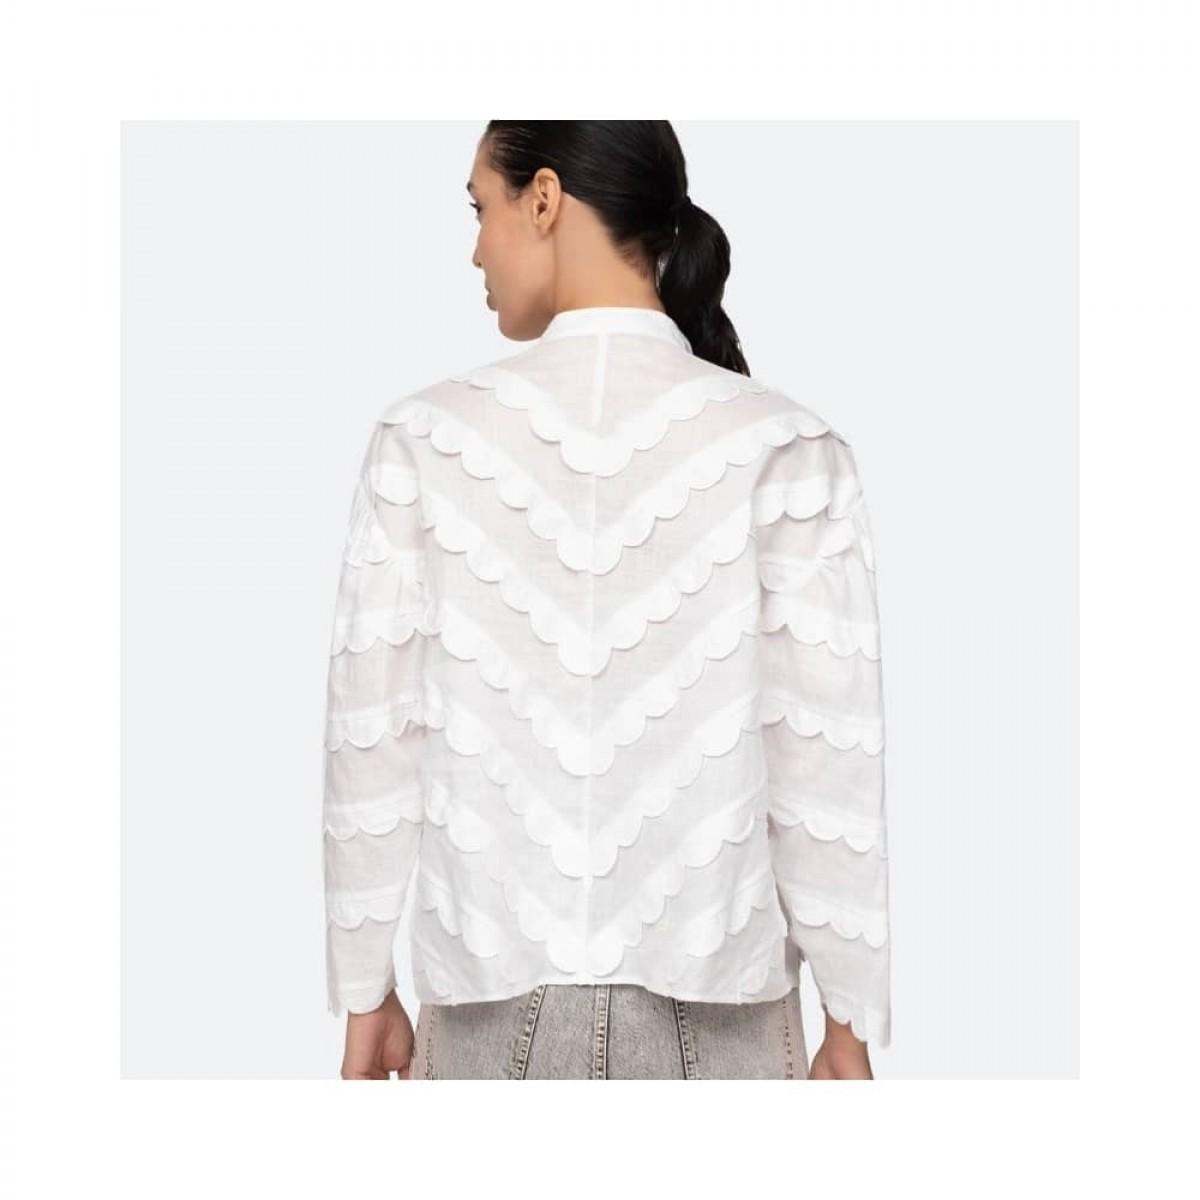 shannon scallop skjorte - white - model fra ryggen